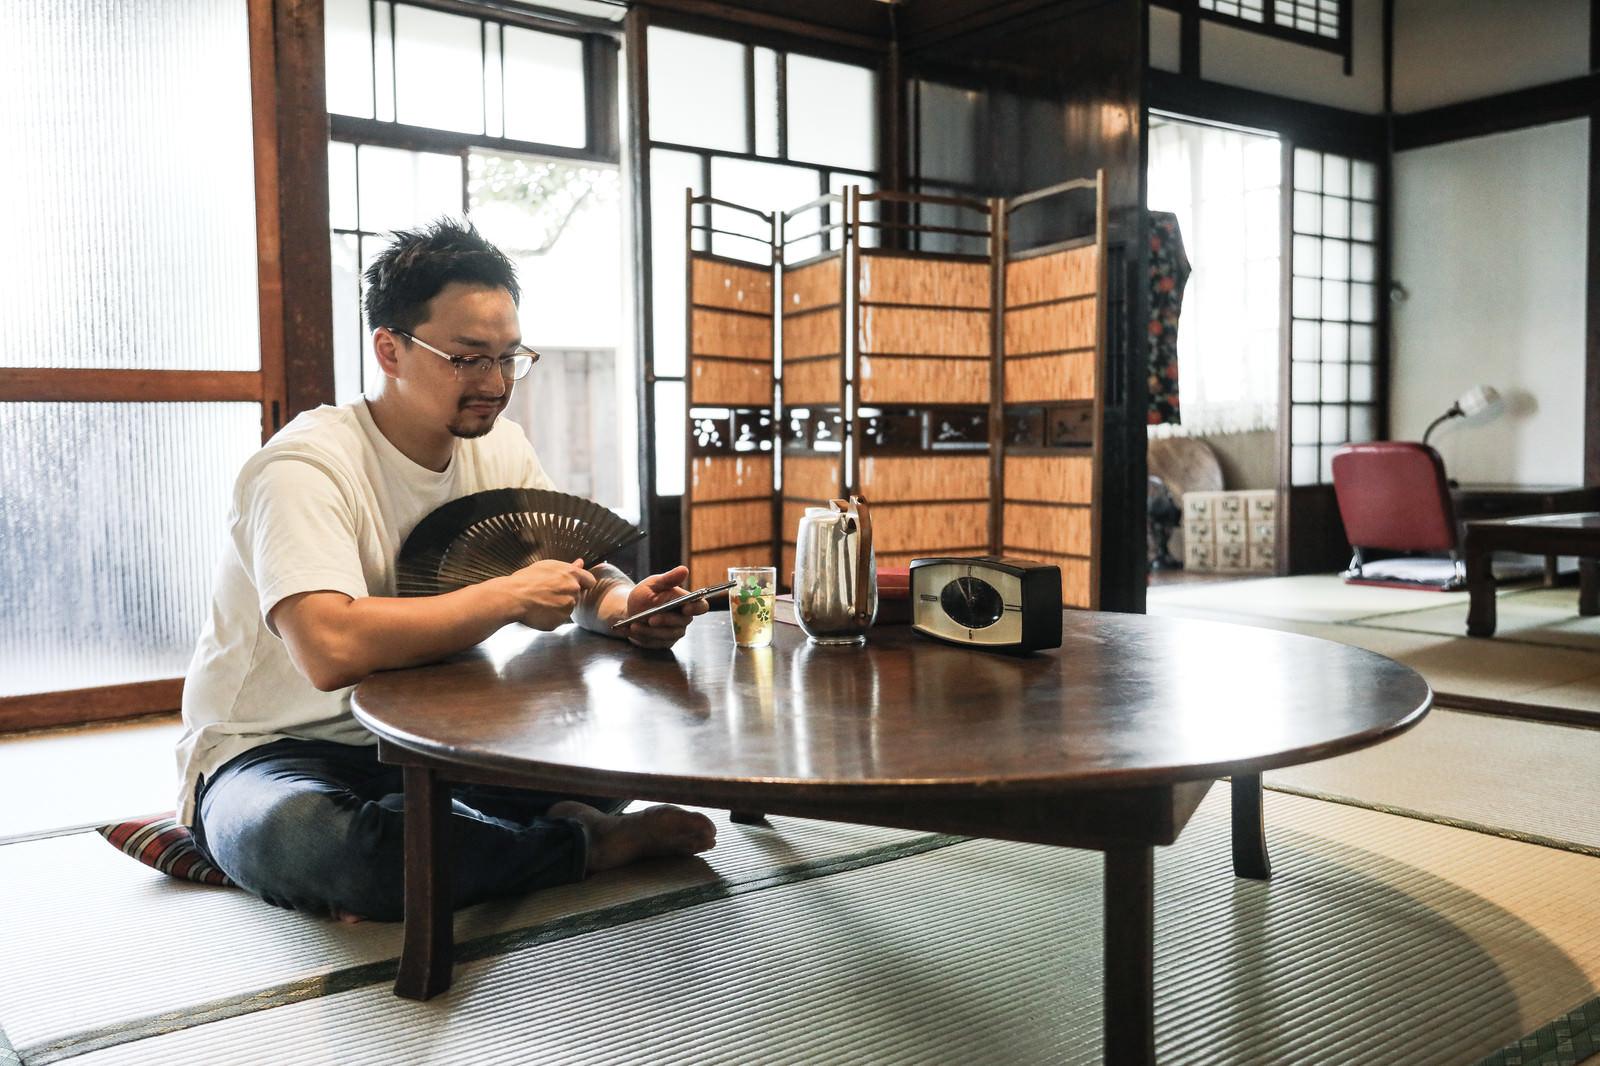 「昭和感漂う古民家に泊まってみた外国人男性」の写真[モデル:Max_Ezaki]